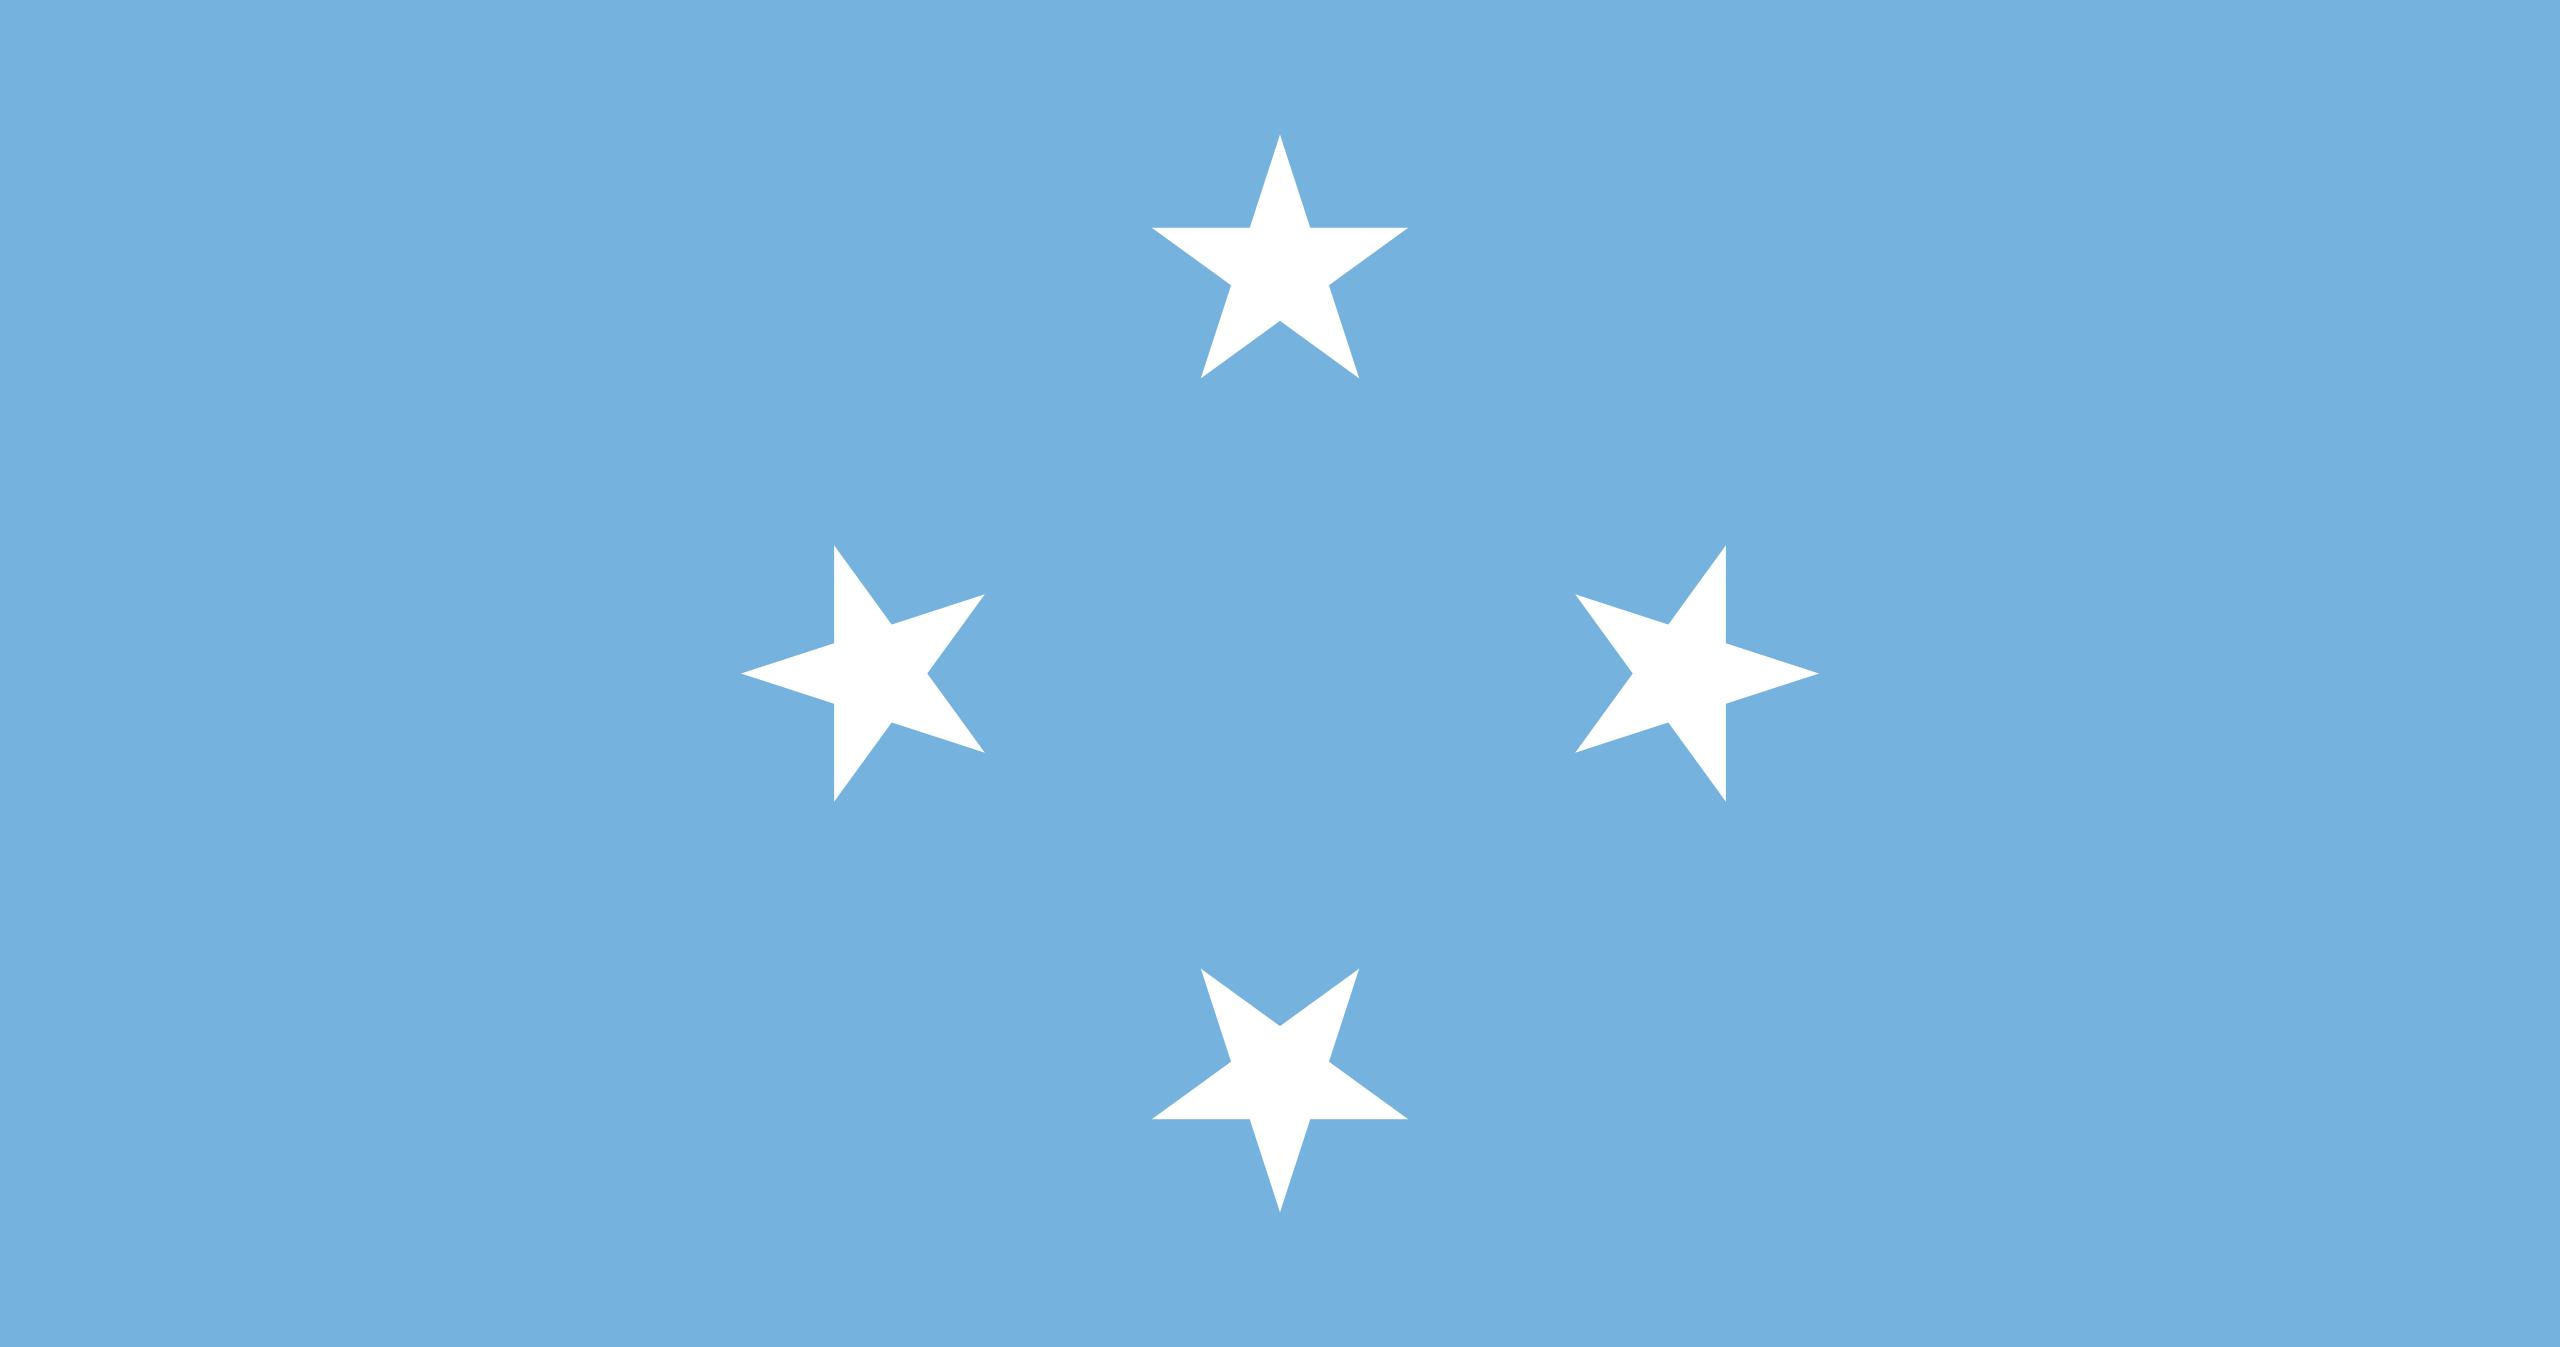 密克罗尼西亚, 国家, 会徽, 徽标, 符号 - 高清壁纸 - 教授-falken.com